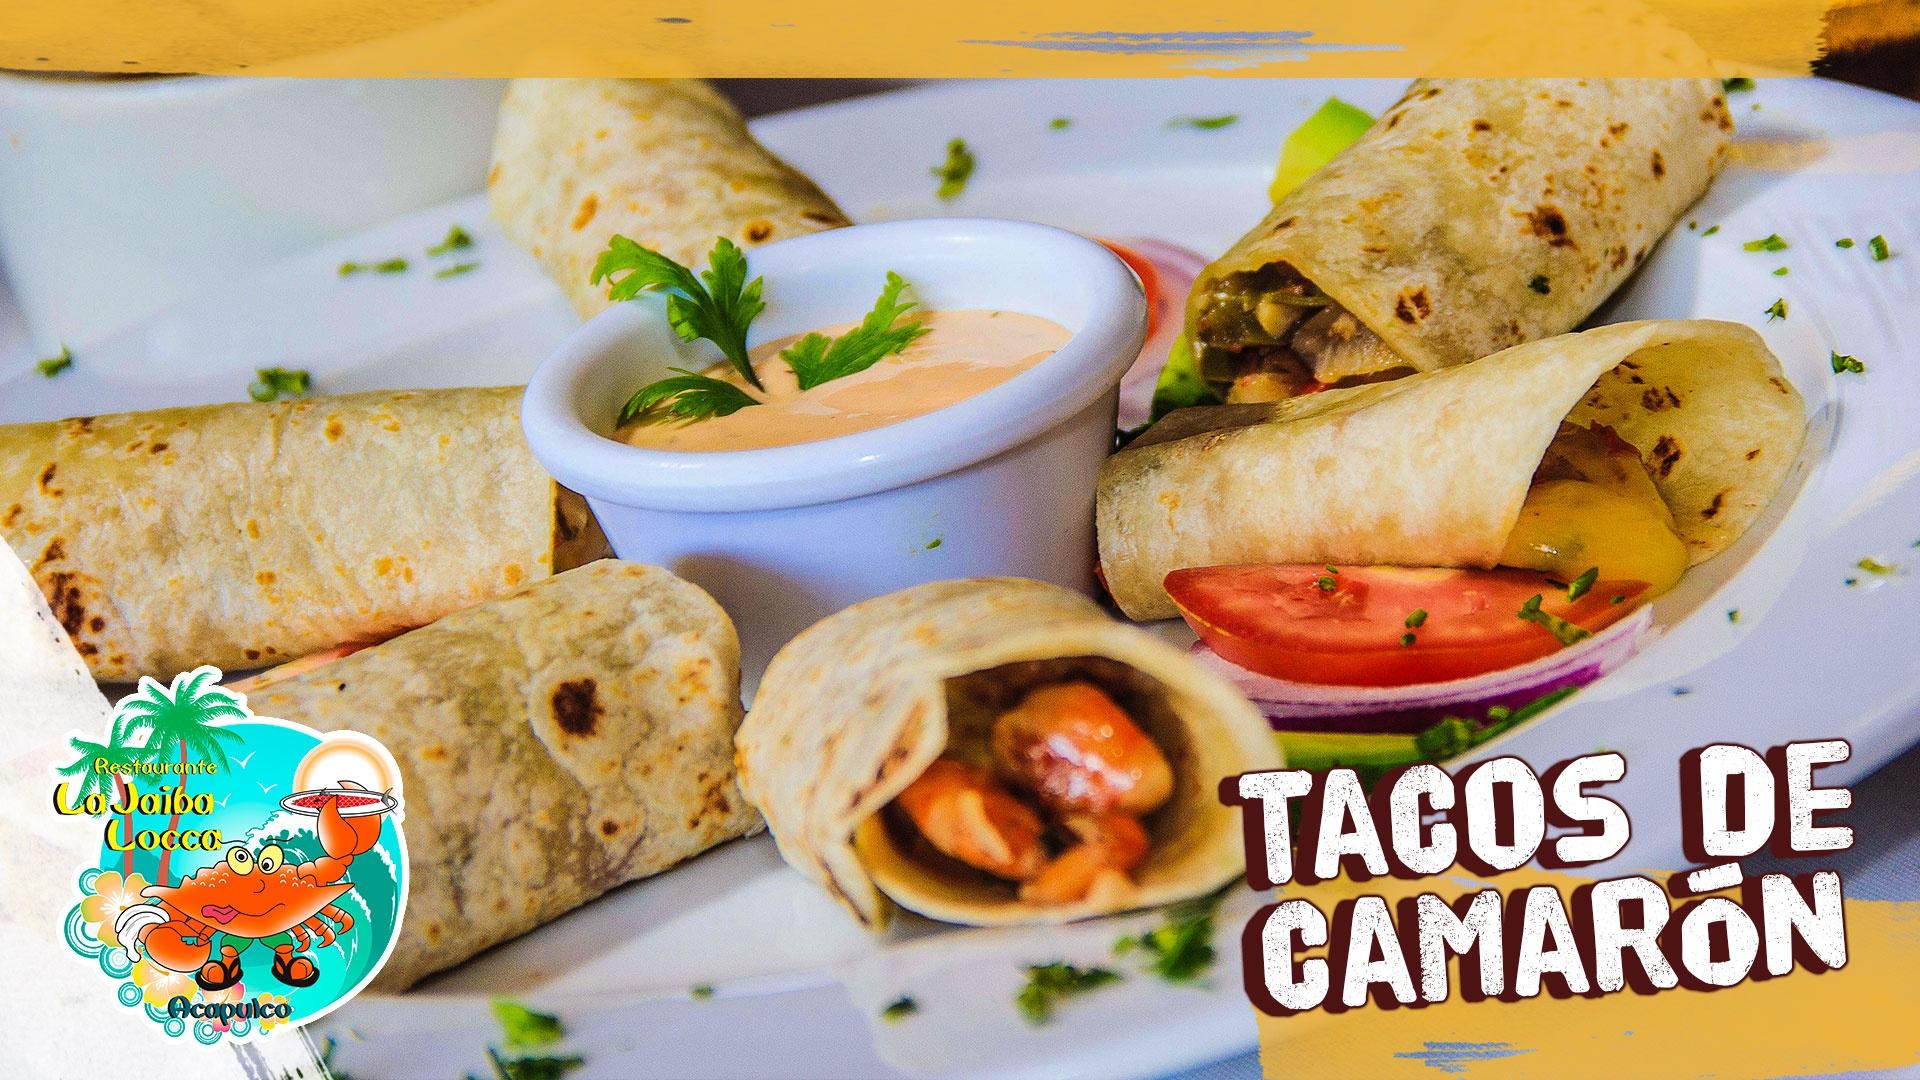 https://0201.nccdn.net/4_2/000/000/056/7dc/44-Tacos-de-Camar--n-1920x1080.jpg